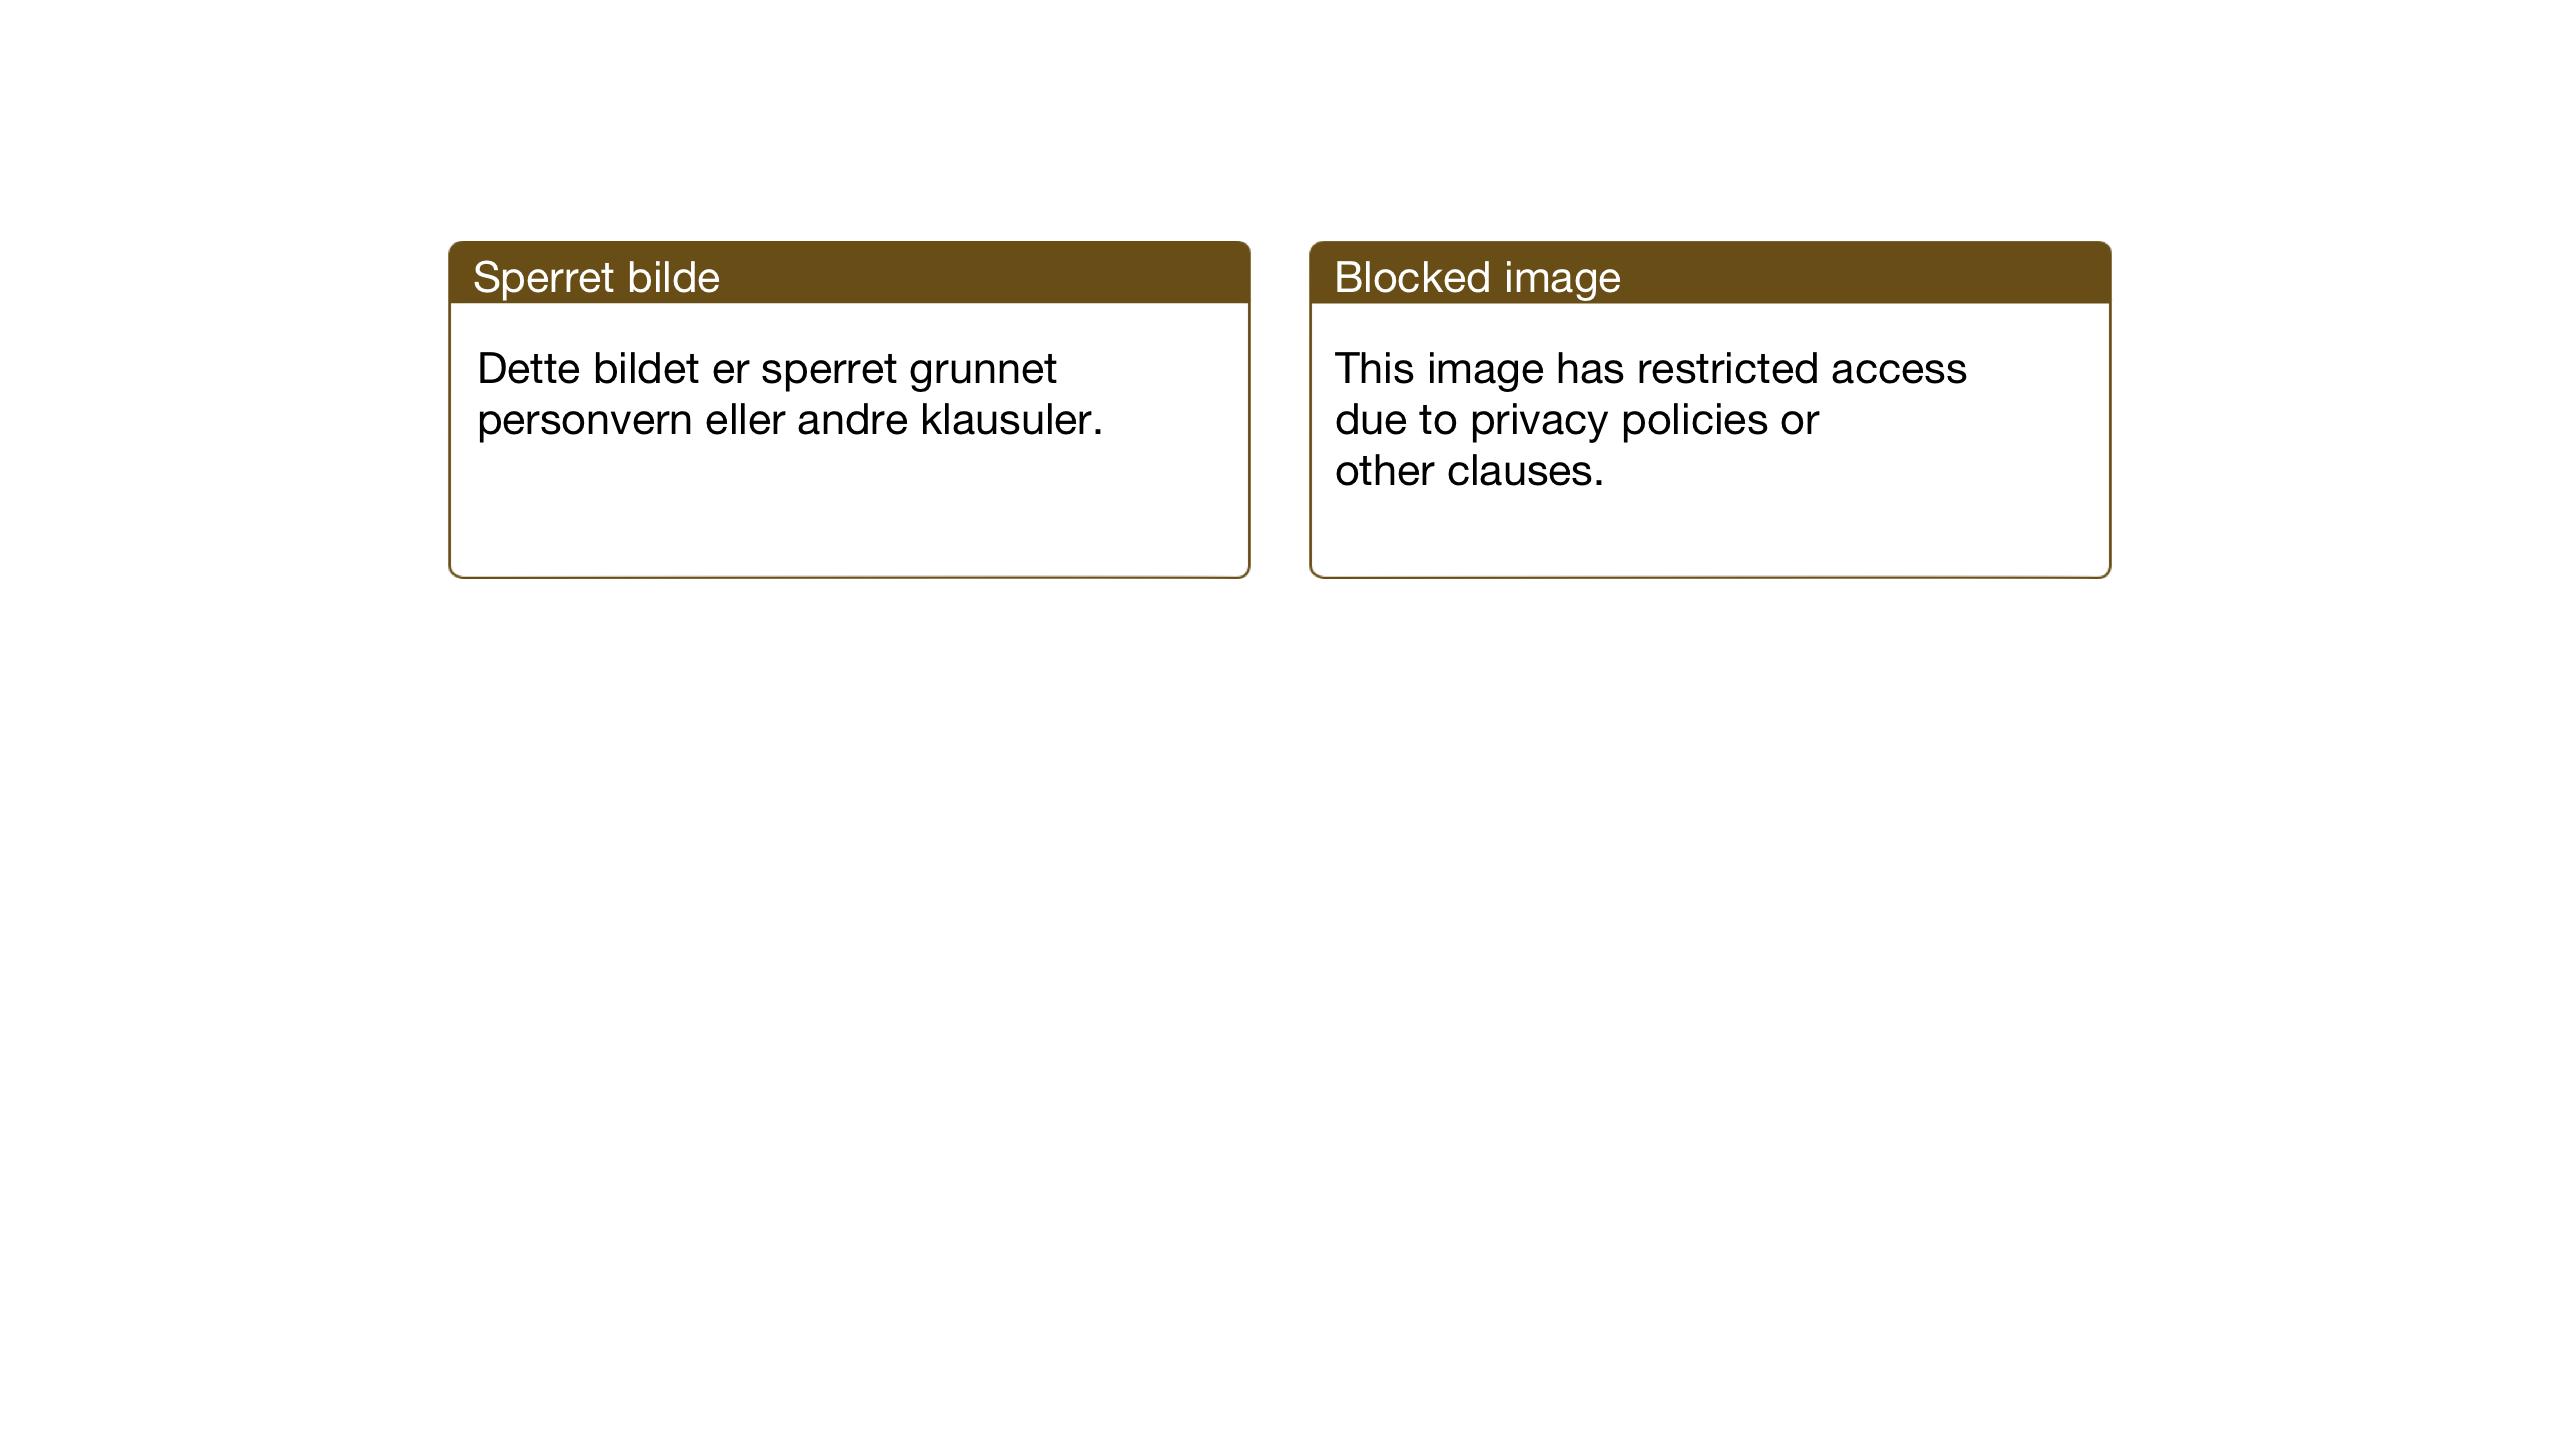 SAT, Ministerialprotokoller, klokkerbøker og fødselsregistre - Nord-Trøndelag, 733/L0328: Klokkerbok nr. 733C03, 1919-1966, s. 78